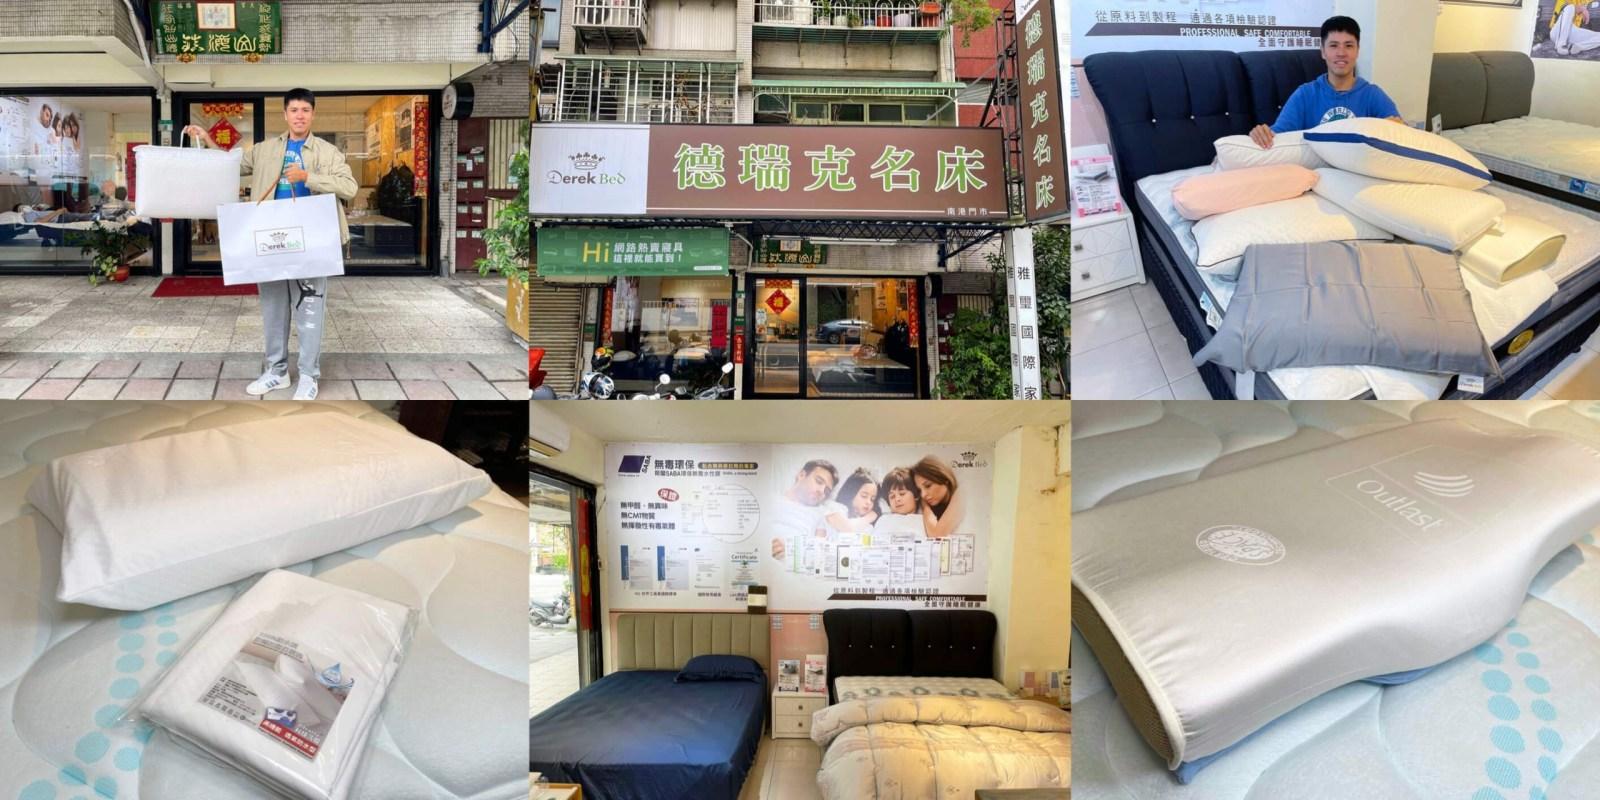 [生活用品] 德瑞克名床 - 超多種枕頭選擇!來這裡挑選一顆最適合你的枕頭吧